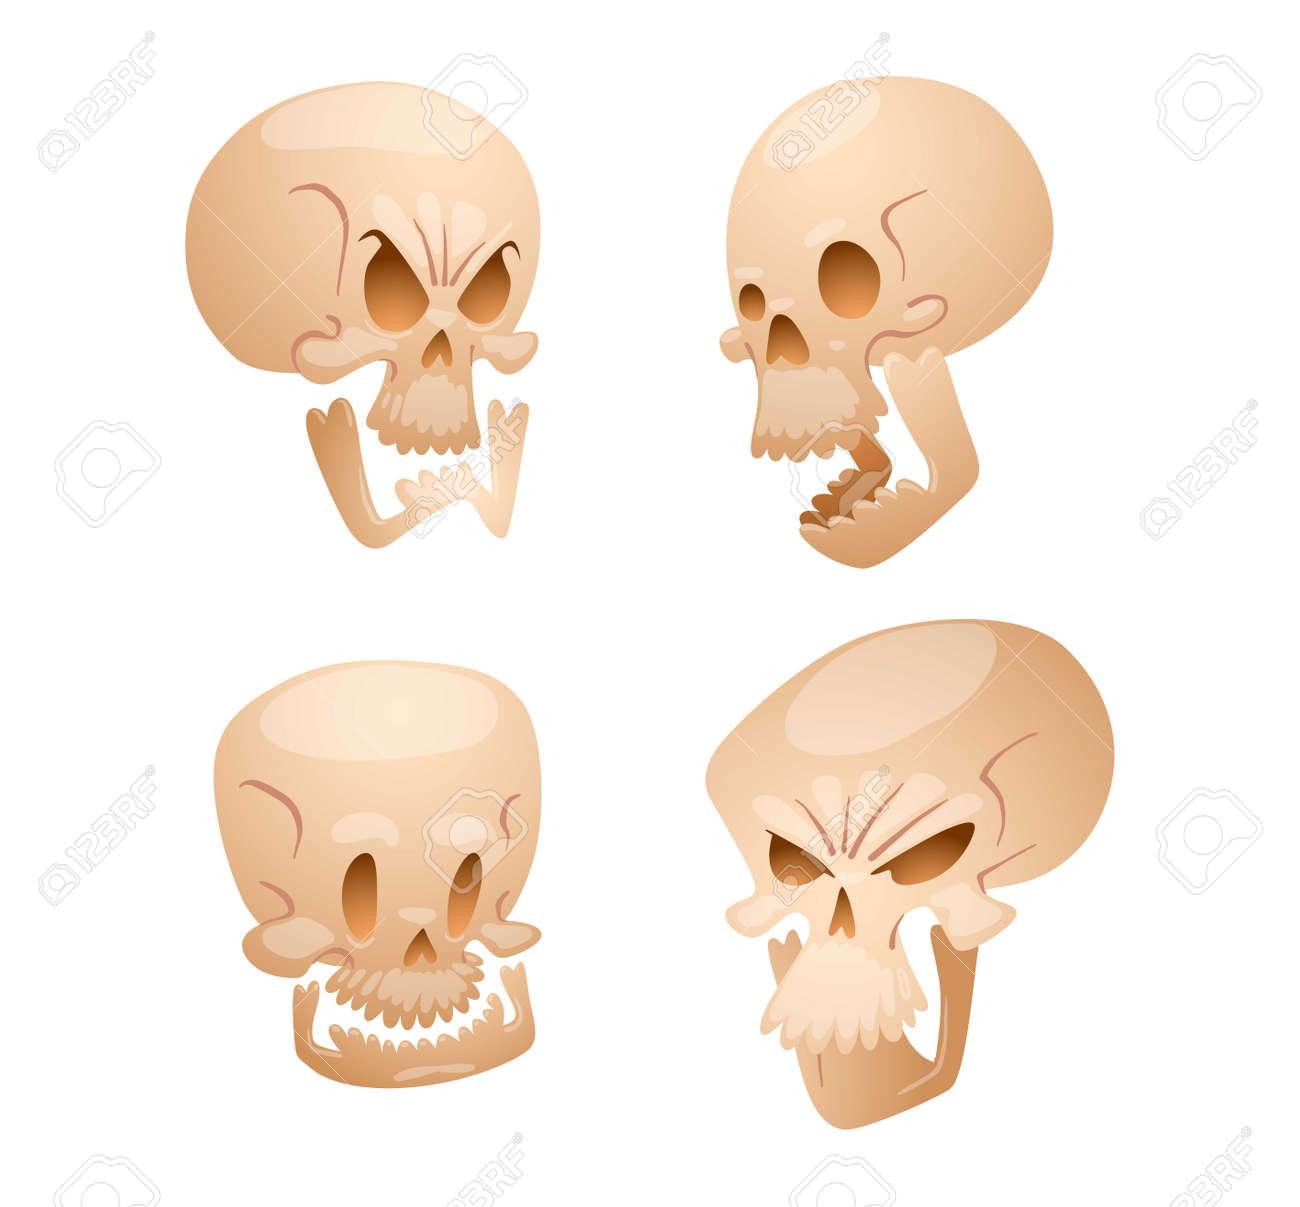 Hermosa Dibujo De La Anatomía Del Cráneo Embellecimiento - Imágenes ...